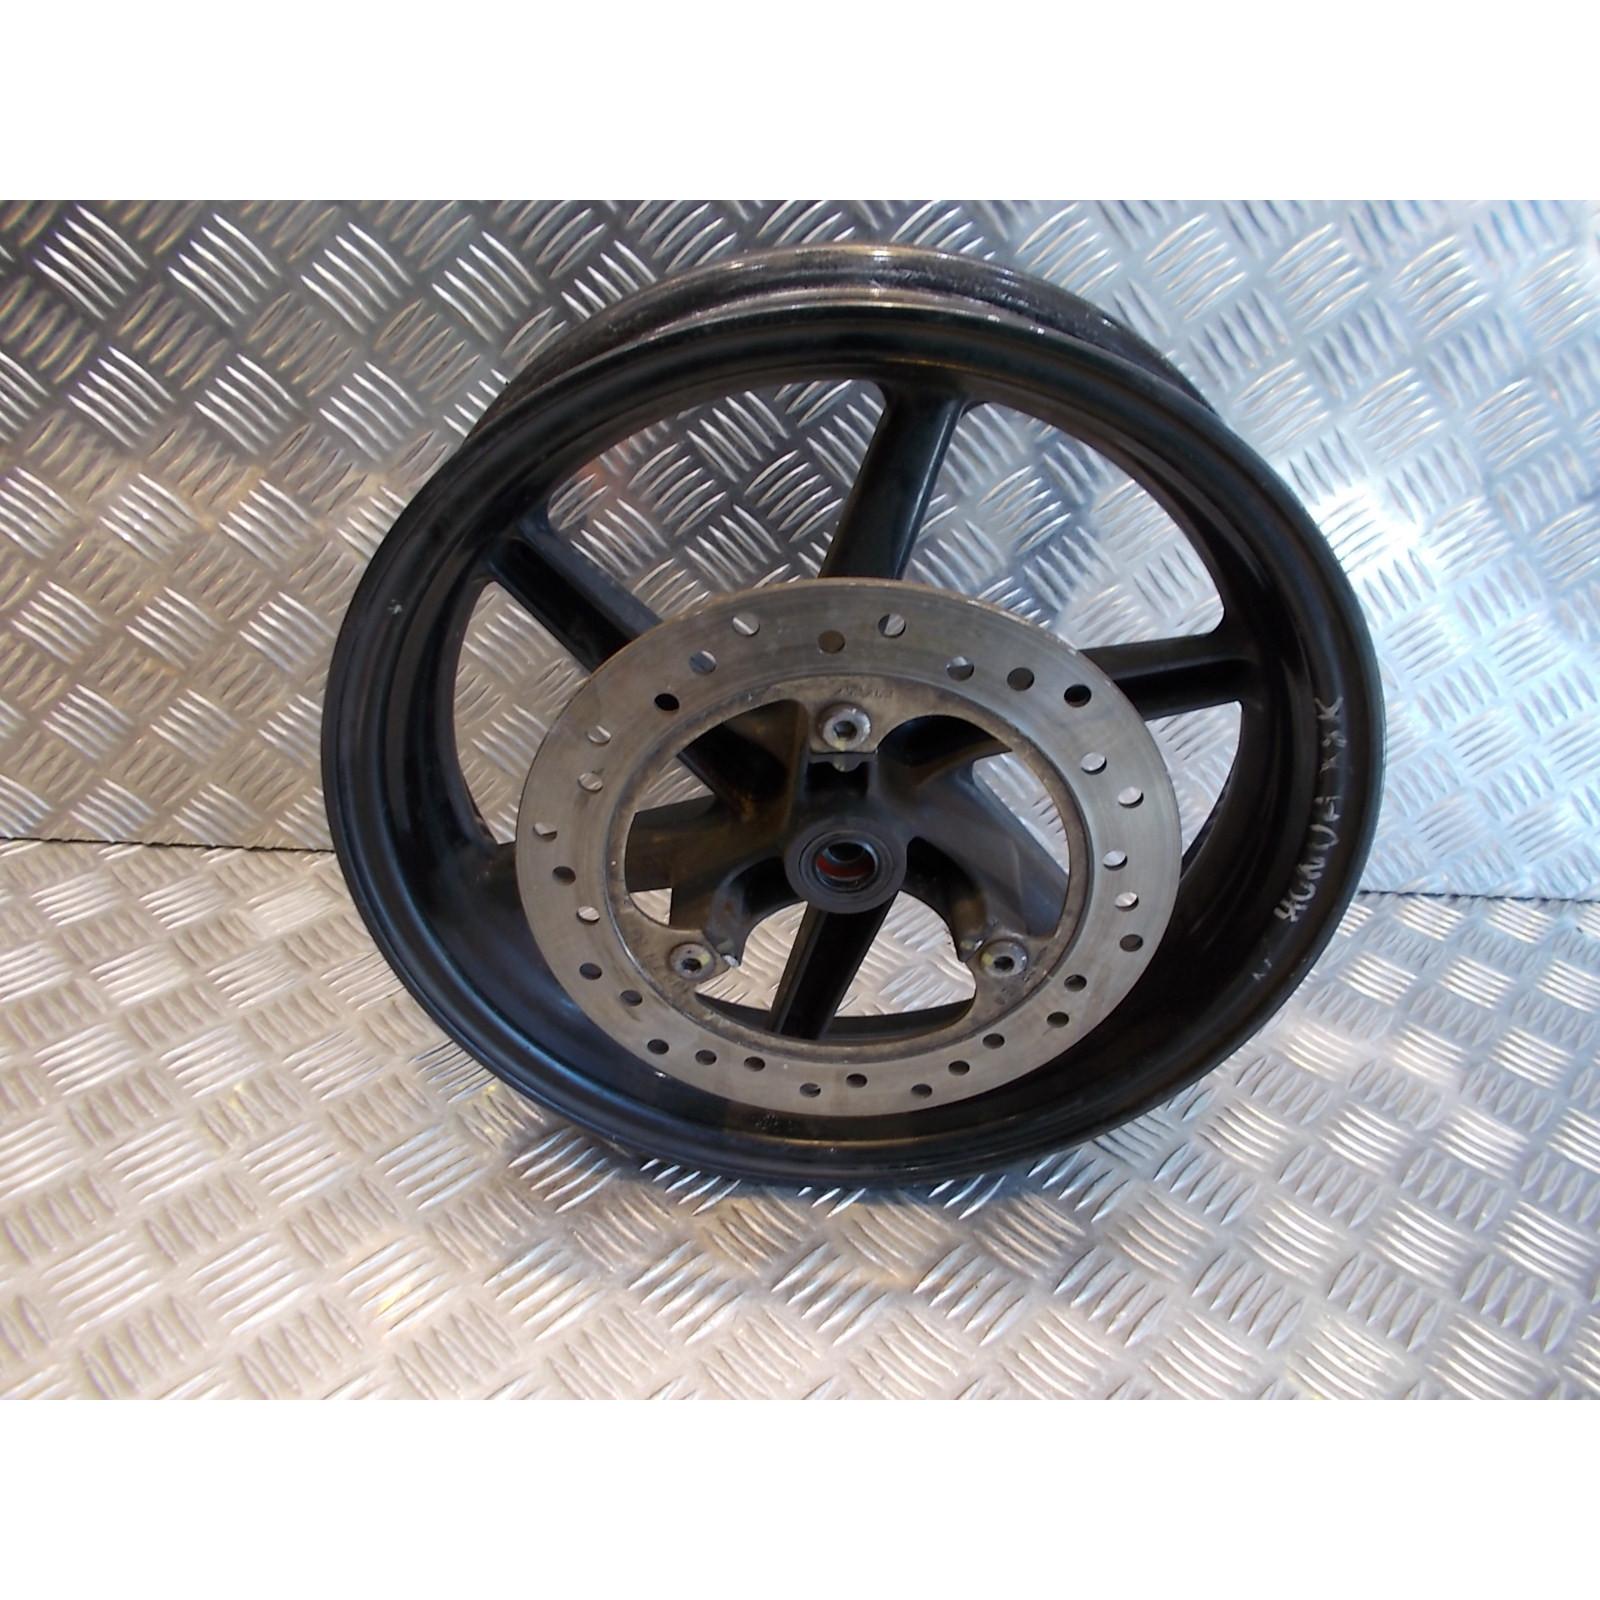 jante roue avant disque frein scooter honda szx 50 x8r